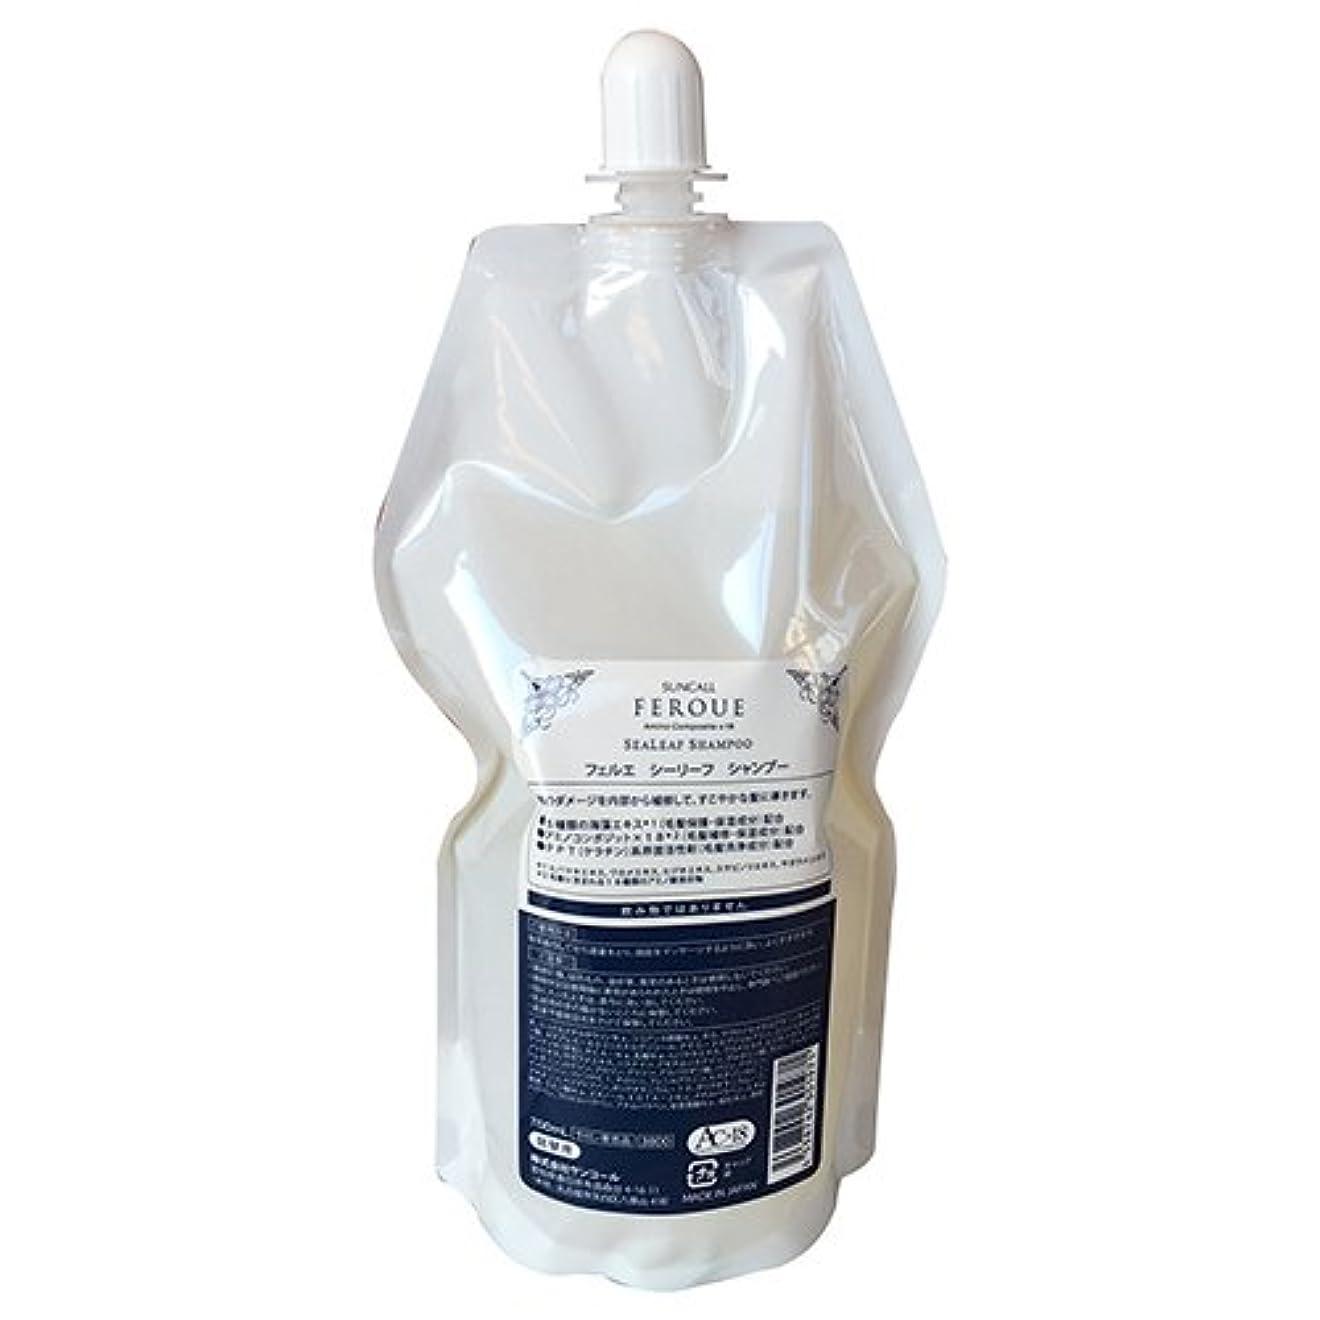 厄介な乳製品ハイライトフェルエ シーリーフ シャンプー 700ml(レフィル)